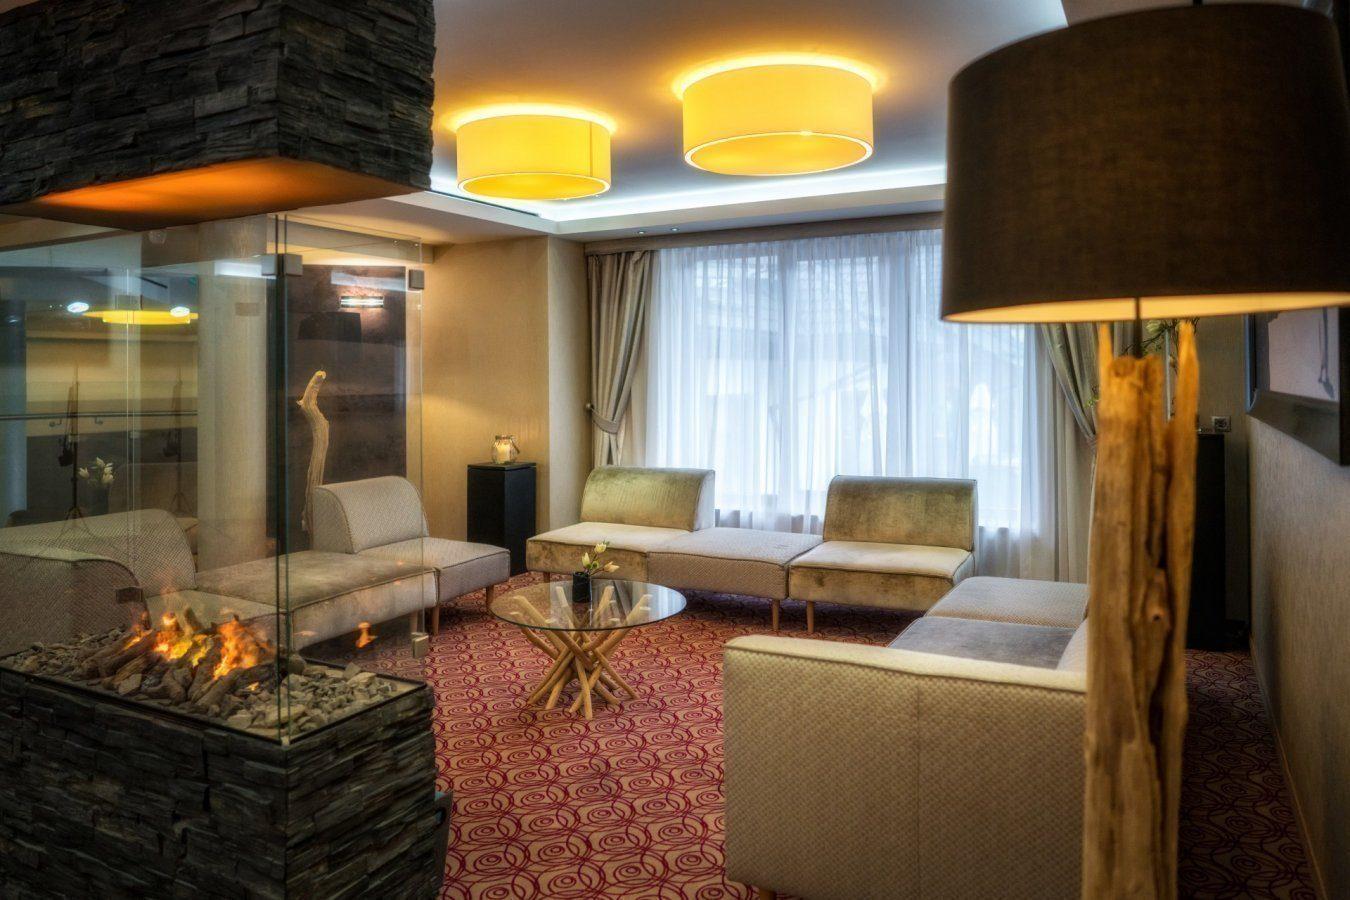 hotel_czarny_gronHotelCzarnyGron_072017_359copy